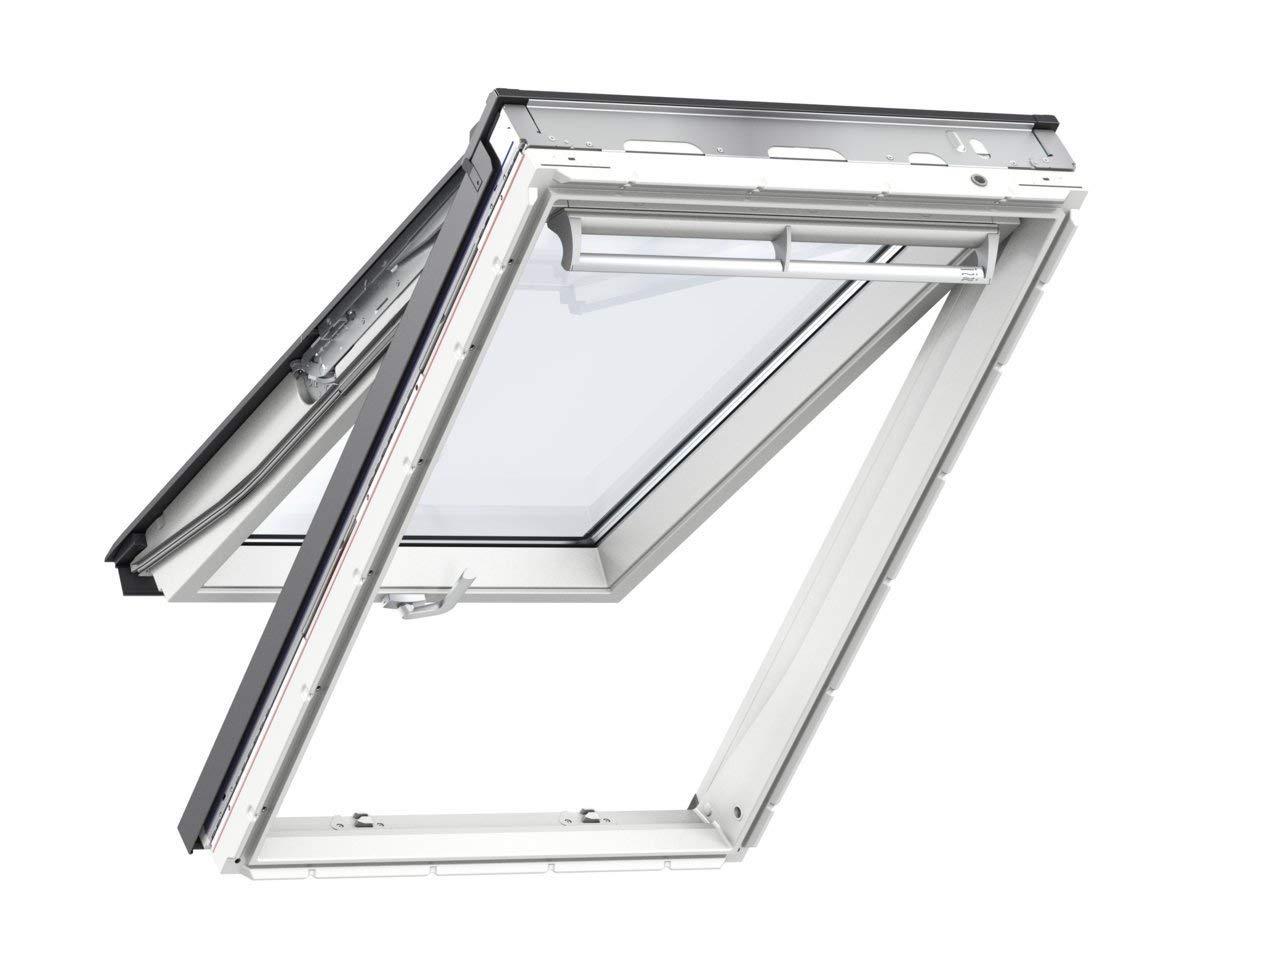 Full Size of Velux Fenster Preise Preisliste 2019 Dachfenster 2018 Mit Einbau Preis Angebote Hornbach Einbauen Velugpu Klapp Schwingfenster Aus Kunststoff 114 140 Amazon Fenster Velux Fenster Preise